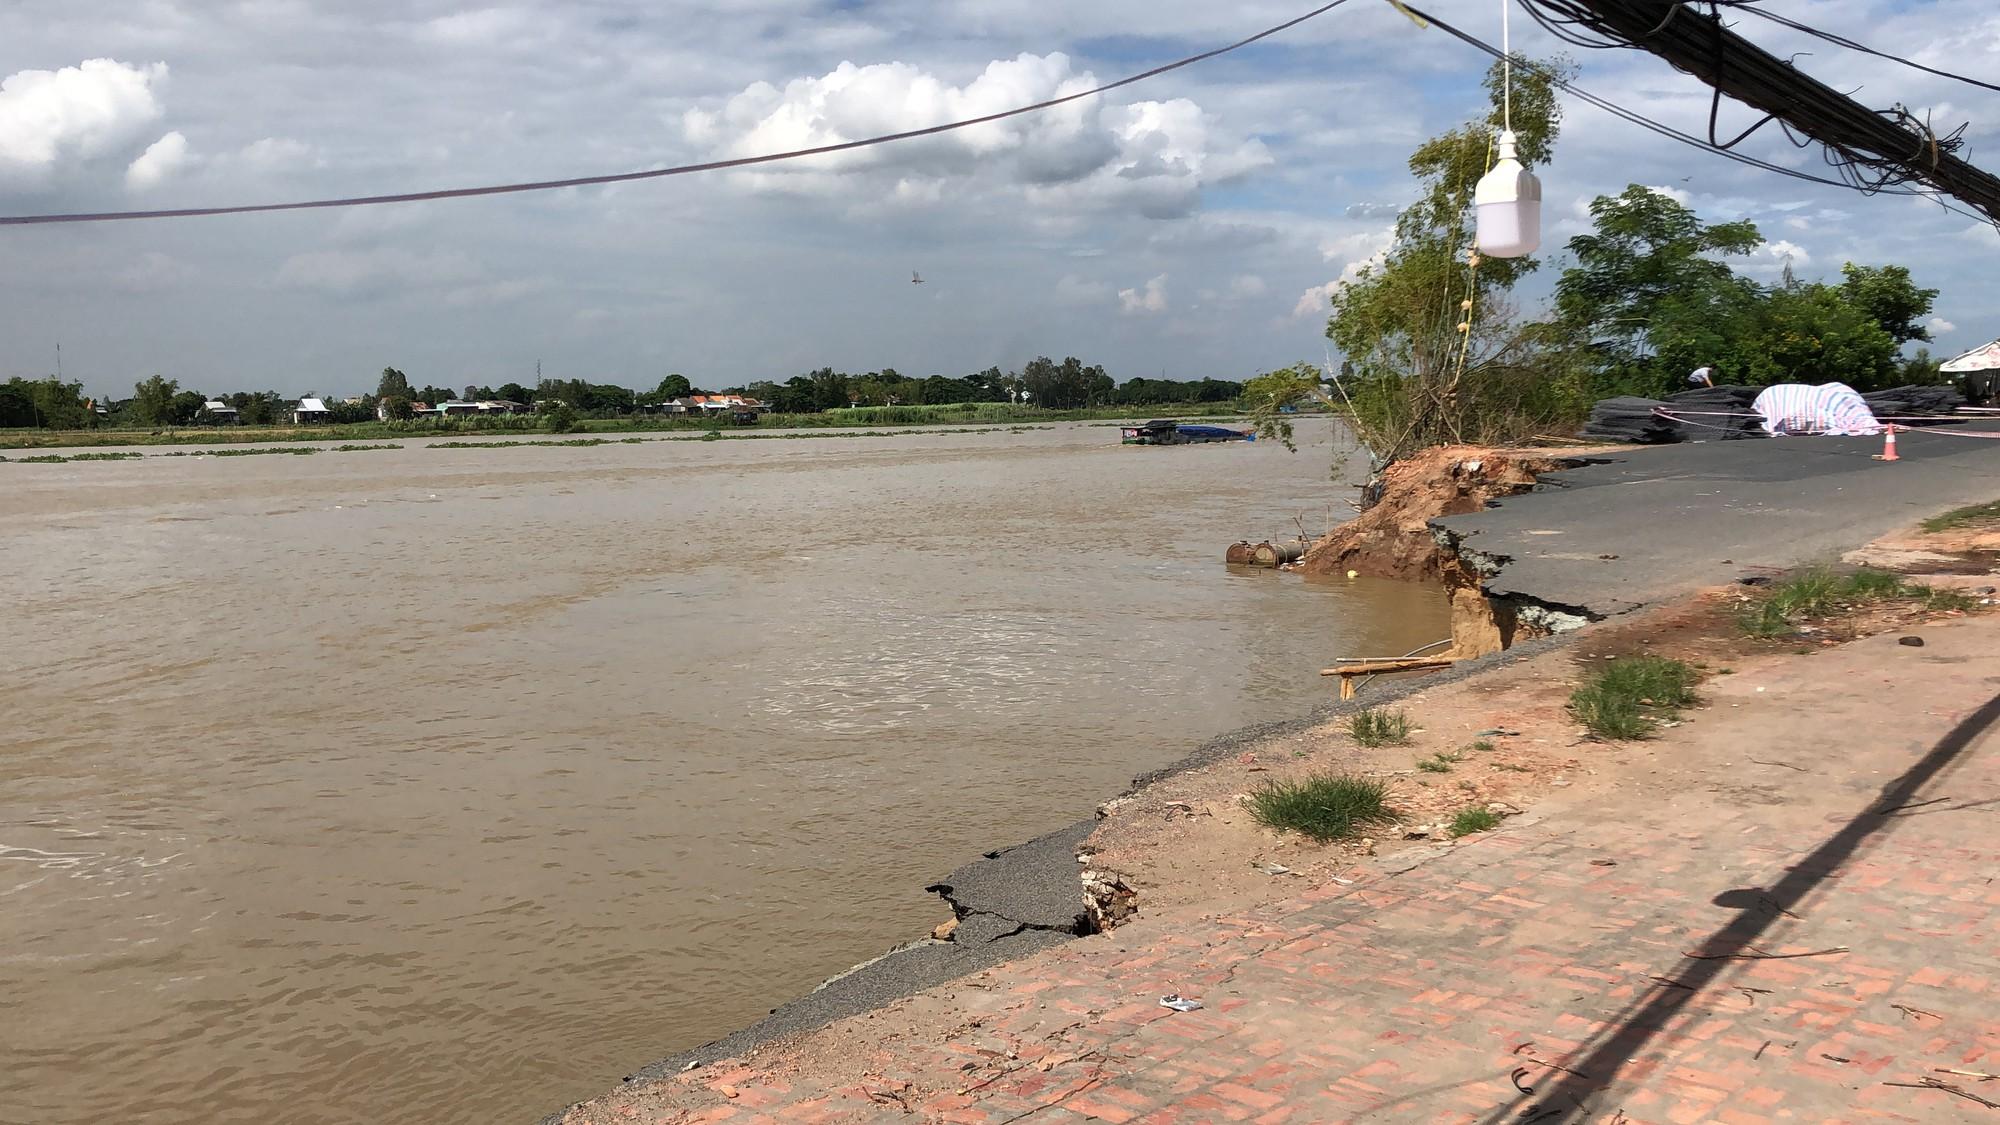 Flycam: Rùng mình với cảnh Quốc lộ 91 ở An Giang bị nuốt chửng - Ảnh 6.